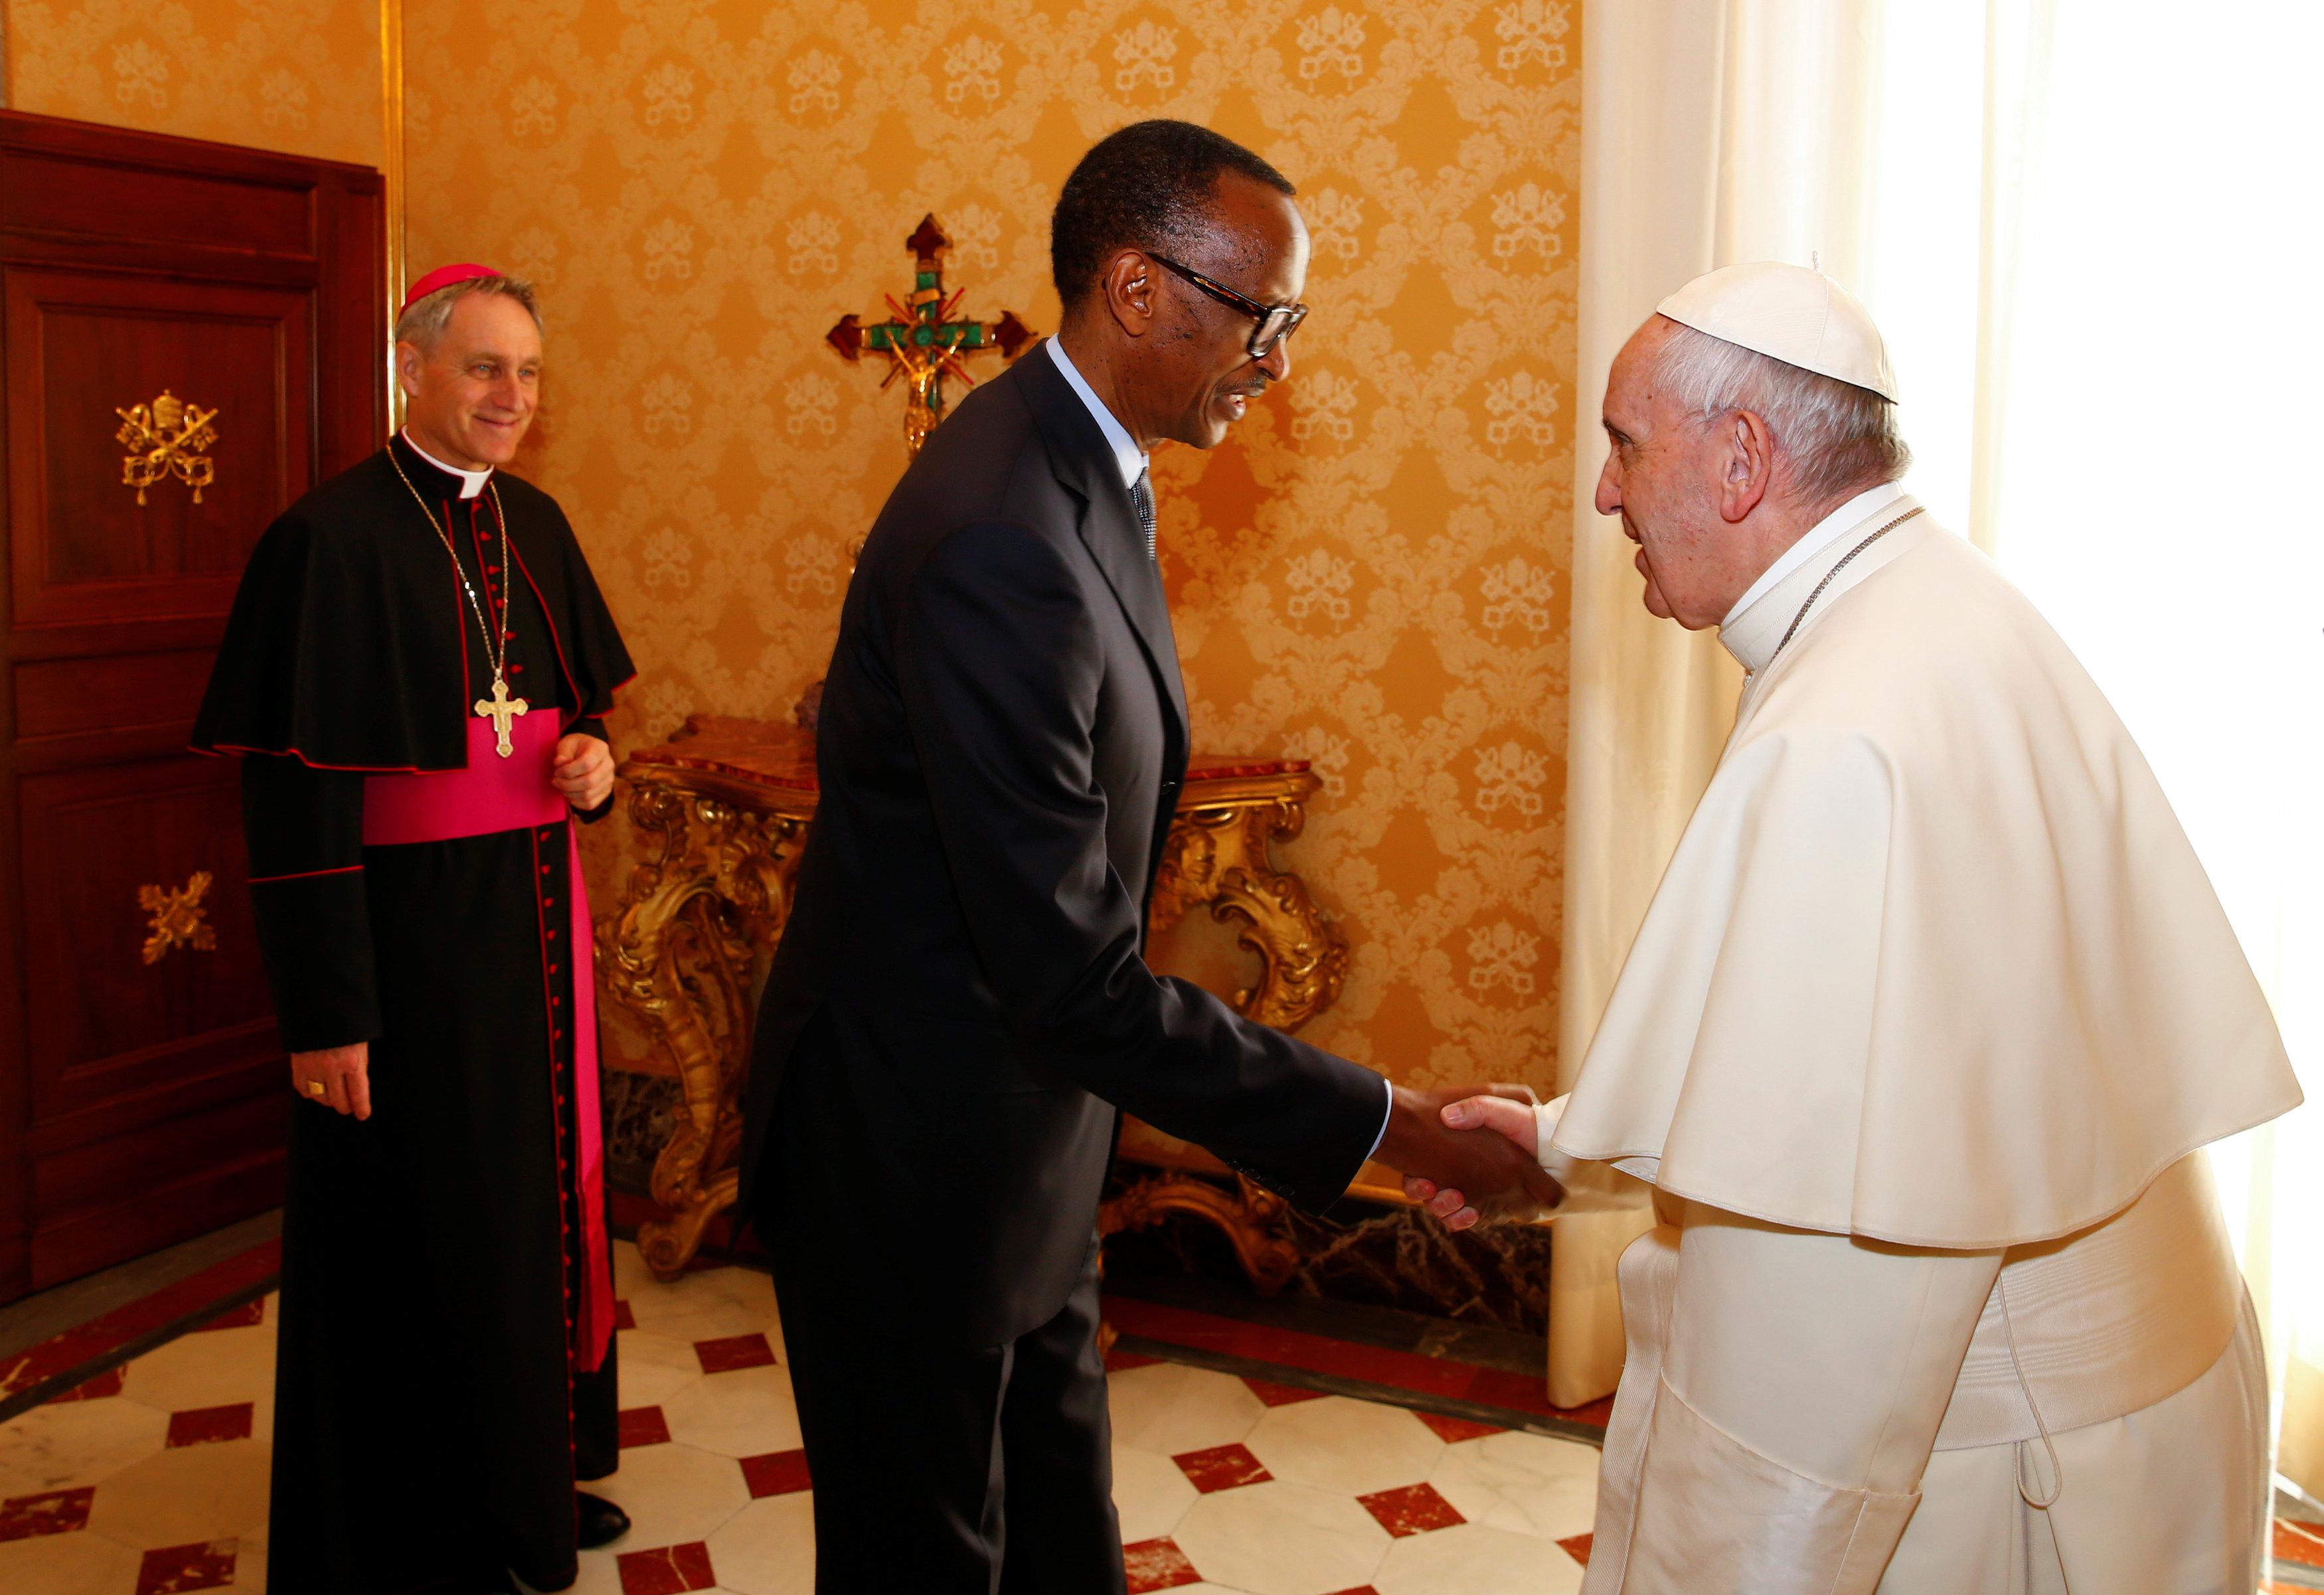 2017 03 20T110335Z 356924261 RC184F14AFF0 RTRMADP 3 POPE VATICAN RWANDA